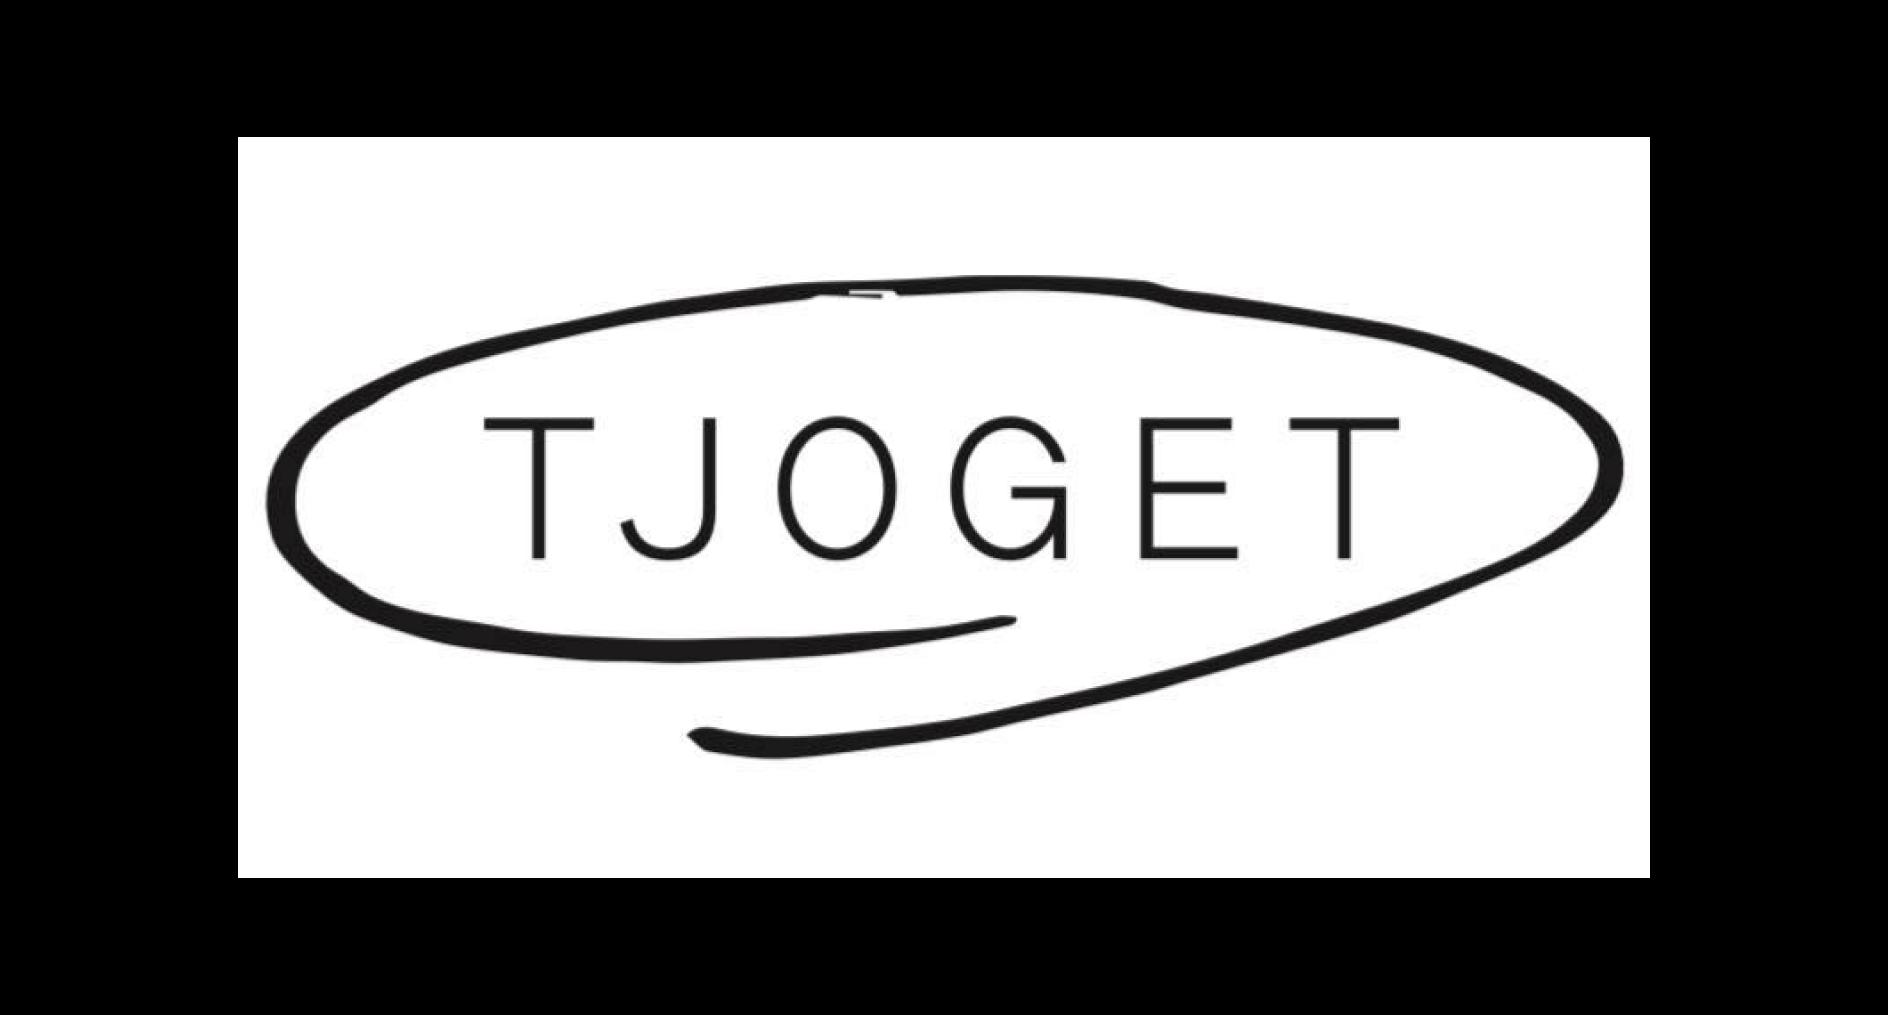 Tjoget's logo